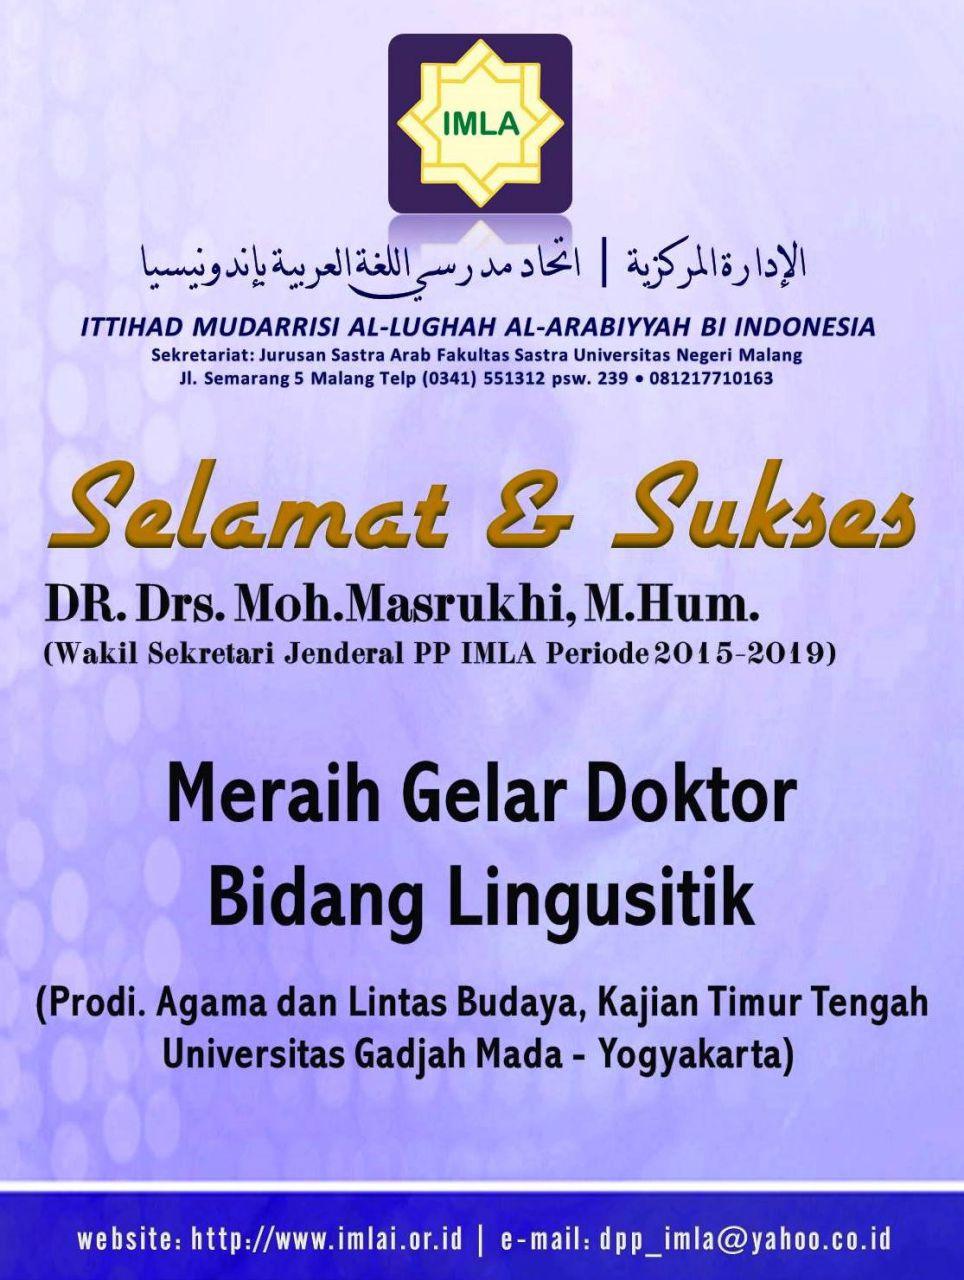 Selamat dan Sukses Dr. Drs. Moh. Masrukhi M.Hum